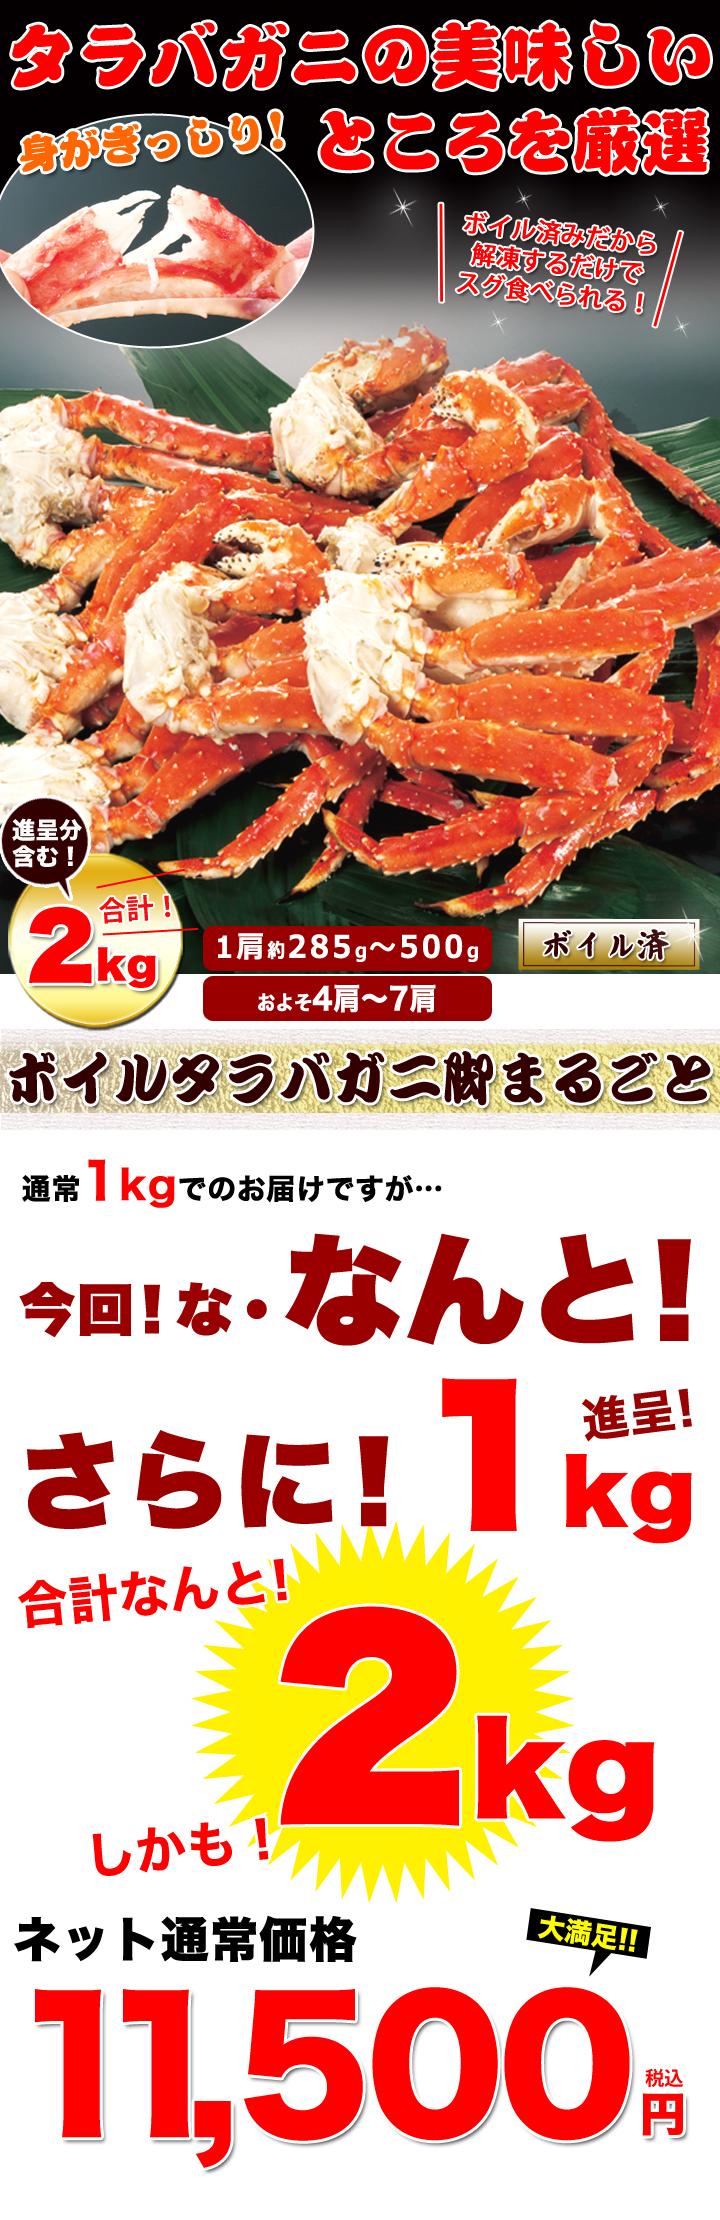 快適生活のボイルタラバガニ脚まるごと 2kg(1kg+1kg)